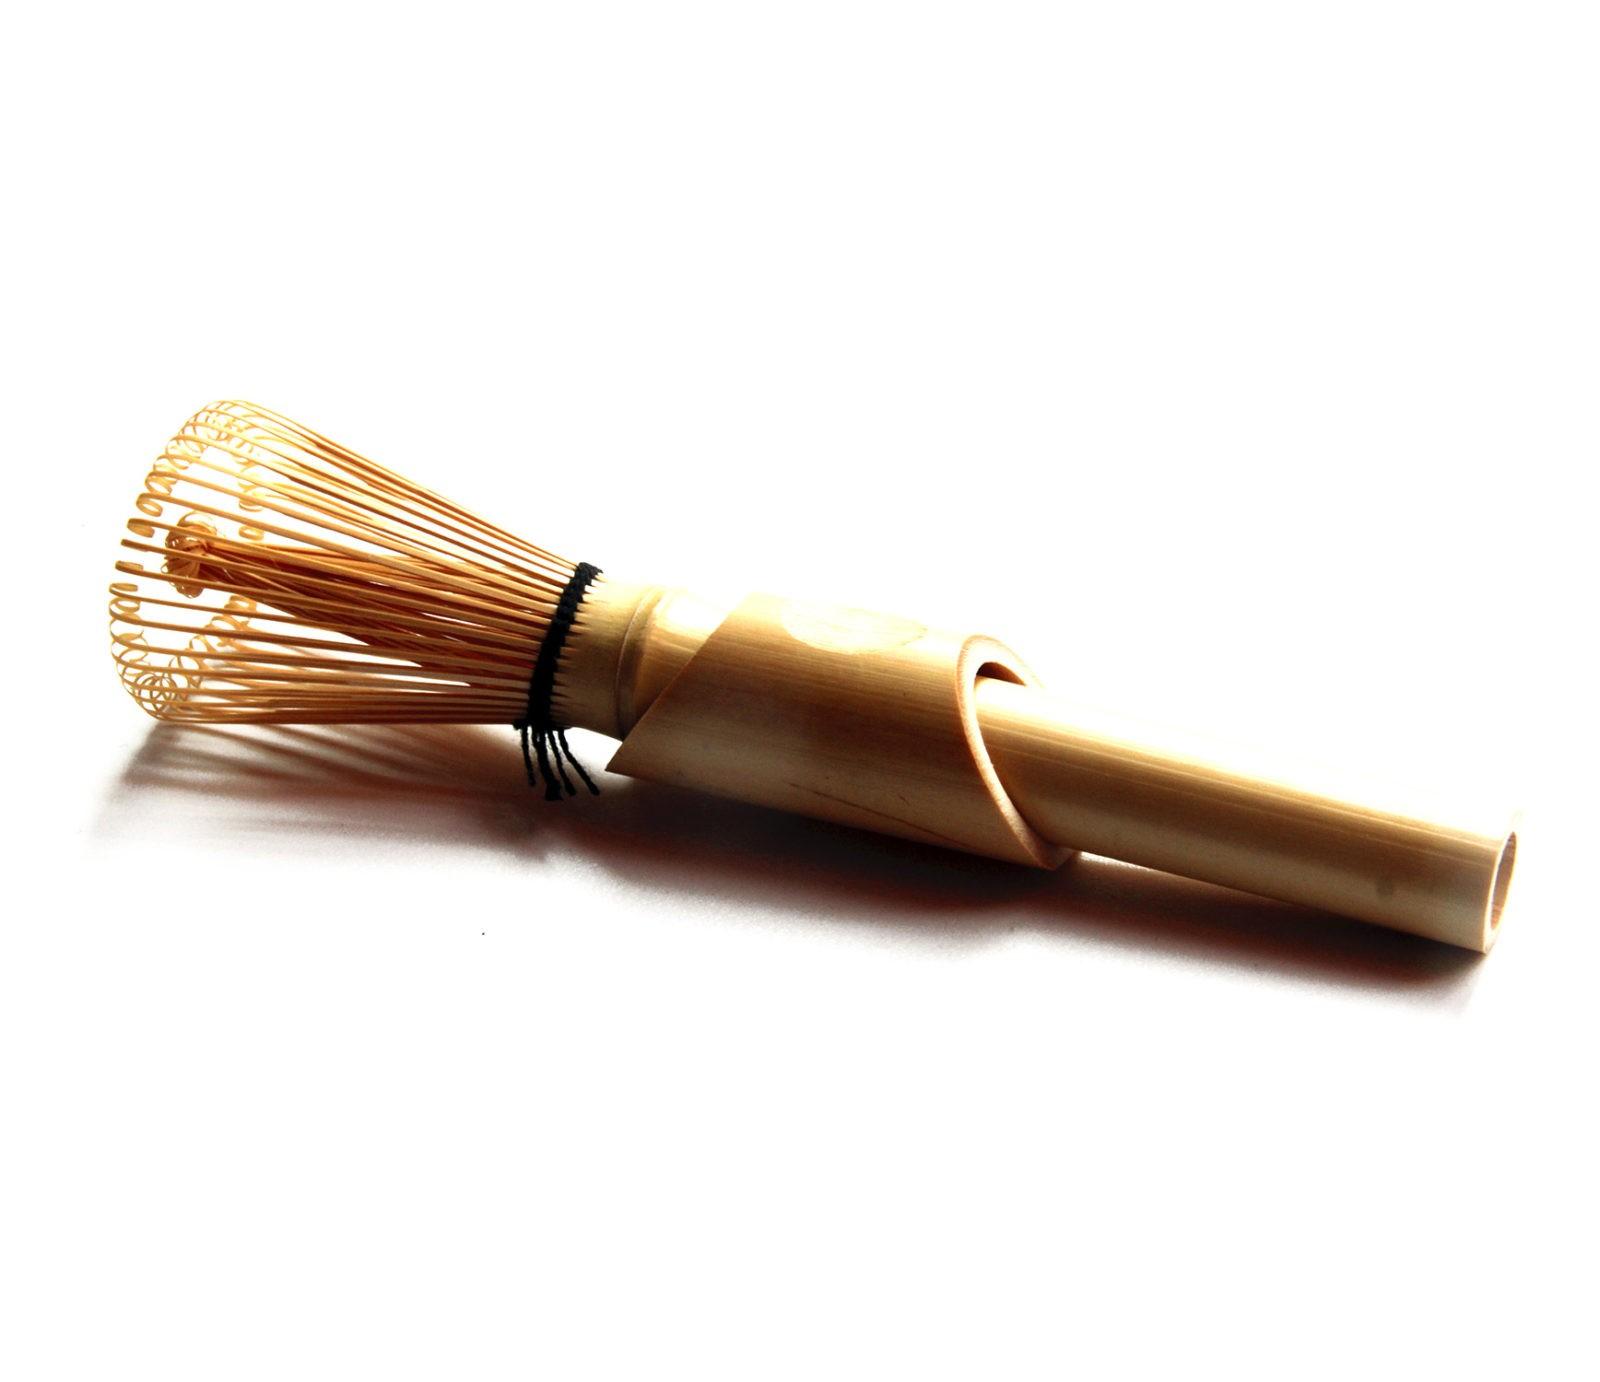 Купить бамбуковый венчик Часен для взбивания чая Матча (маття) с подставкой